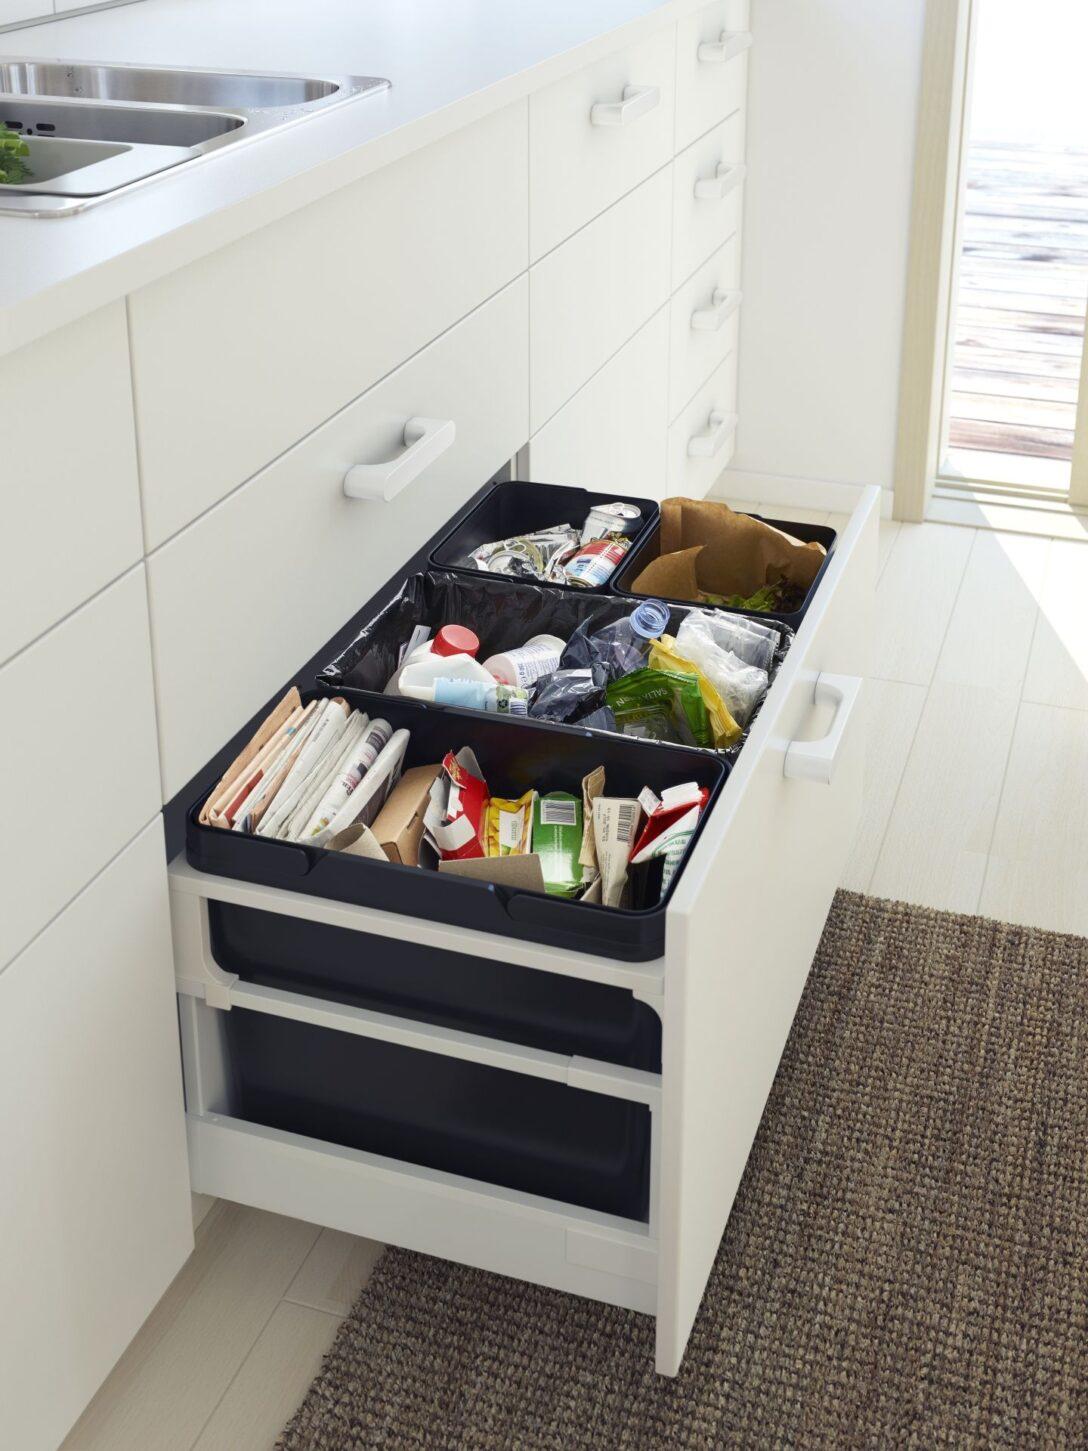 Large Size of Auszug Mülleimer Ikea Sofa Mit Schlaffunktion Doppel Küche Einbau Miniküche Modulküche Kaufen Kosten Betten 160x200 Bei Wohnzimmer Auszug Mülleimer Ikea